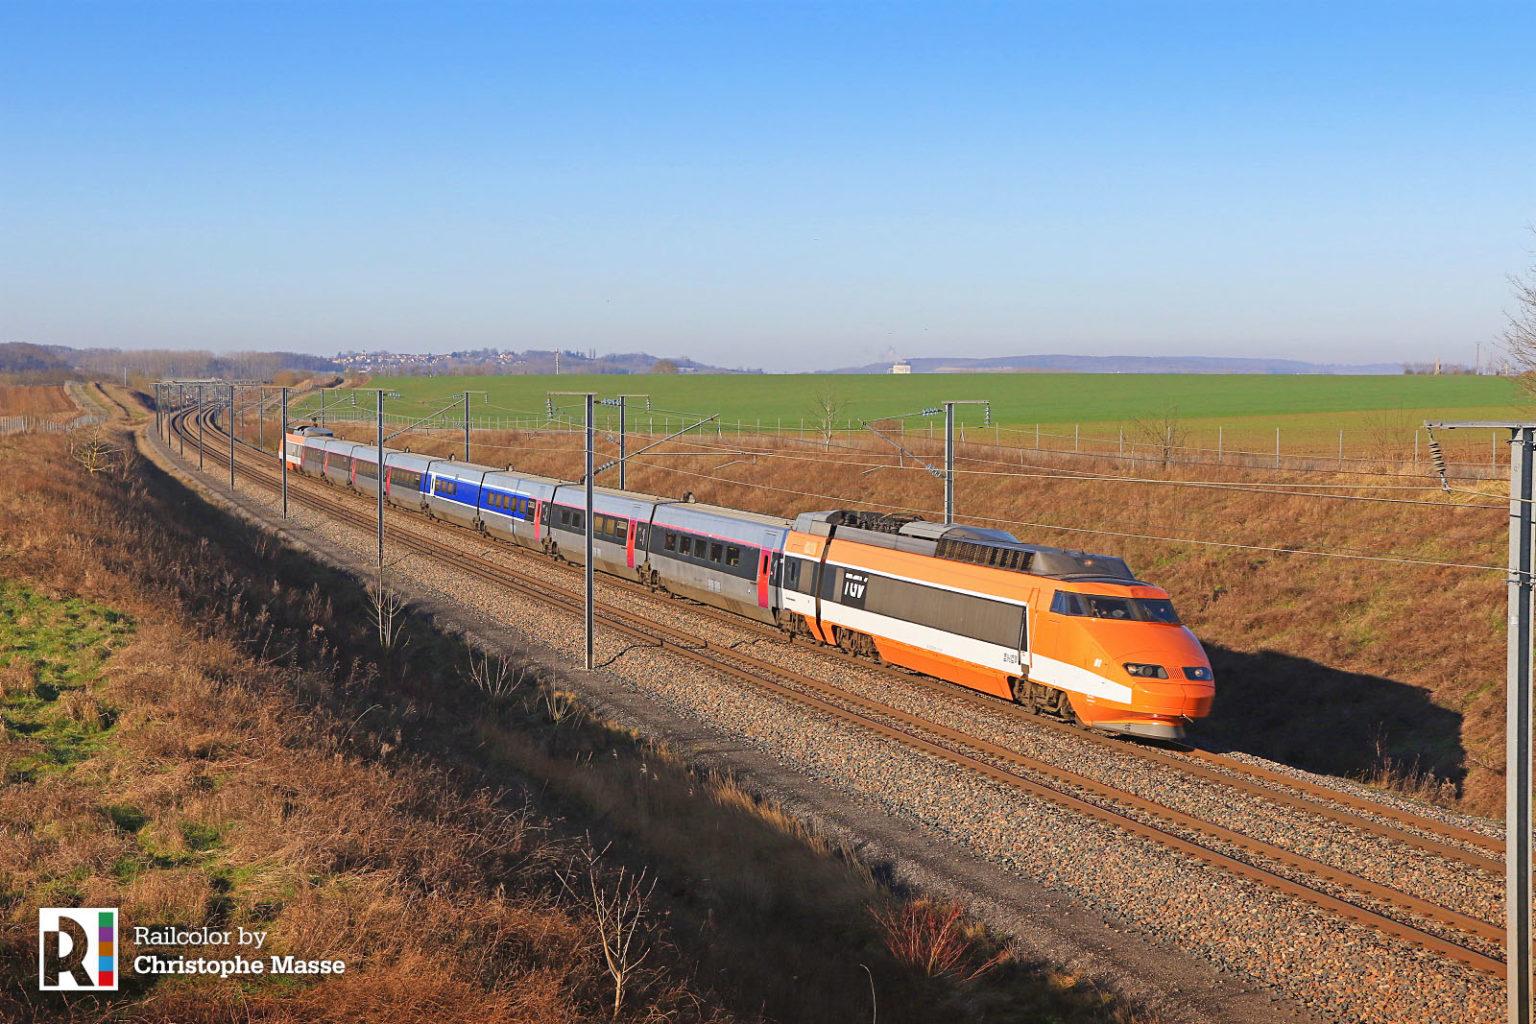 Pierwszy pociąg TGV w czasie pożegnalnego objazdu Francji